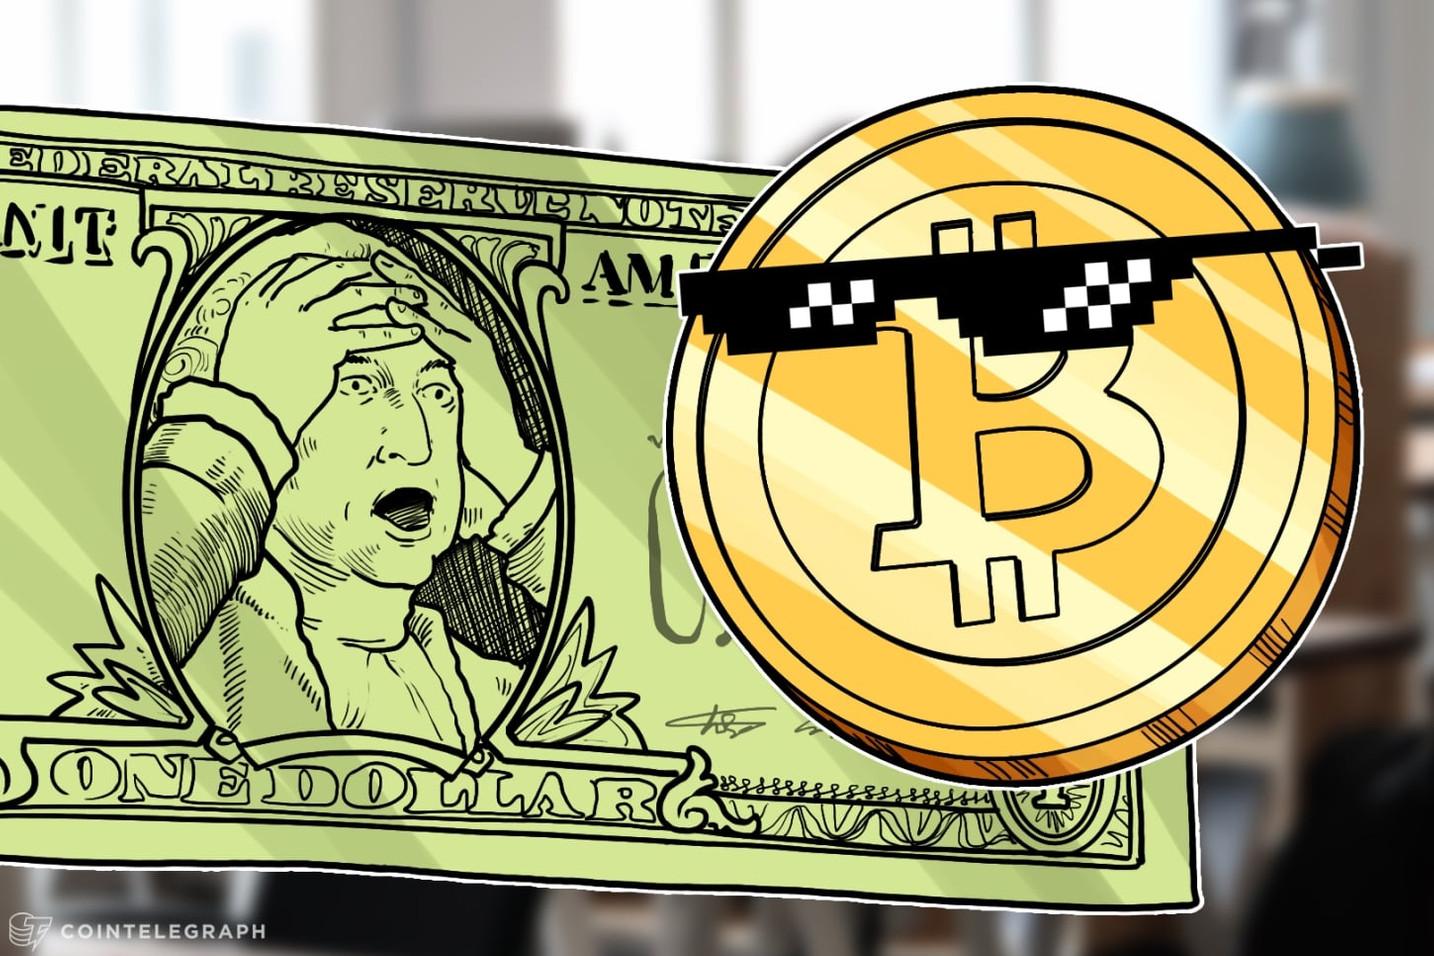 Estudio: Cripto podría convertirse en el principal medio de pago dentro de la próxima década